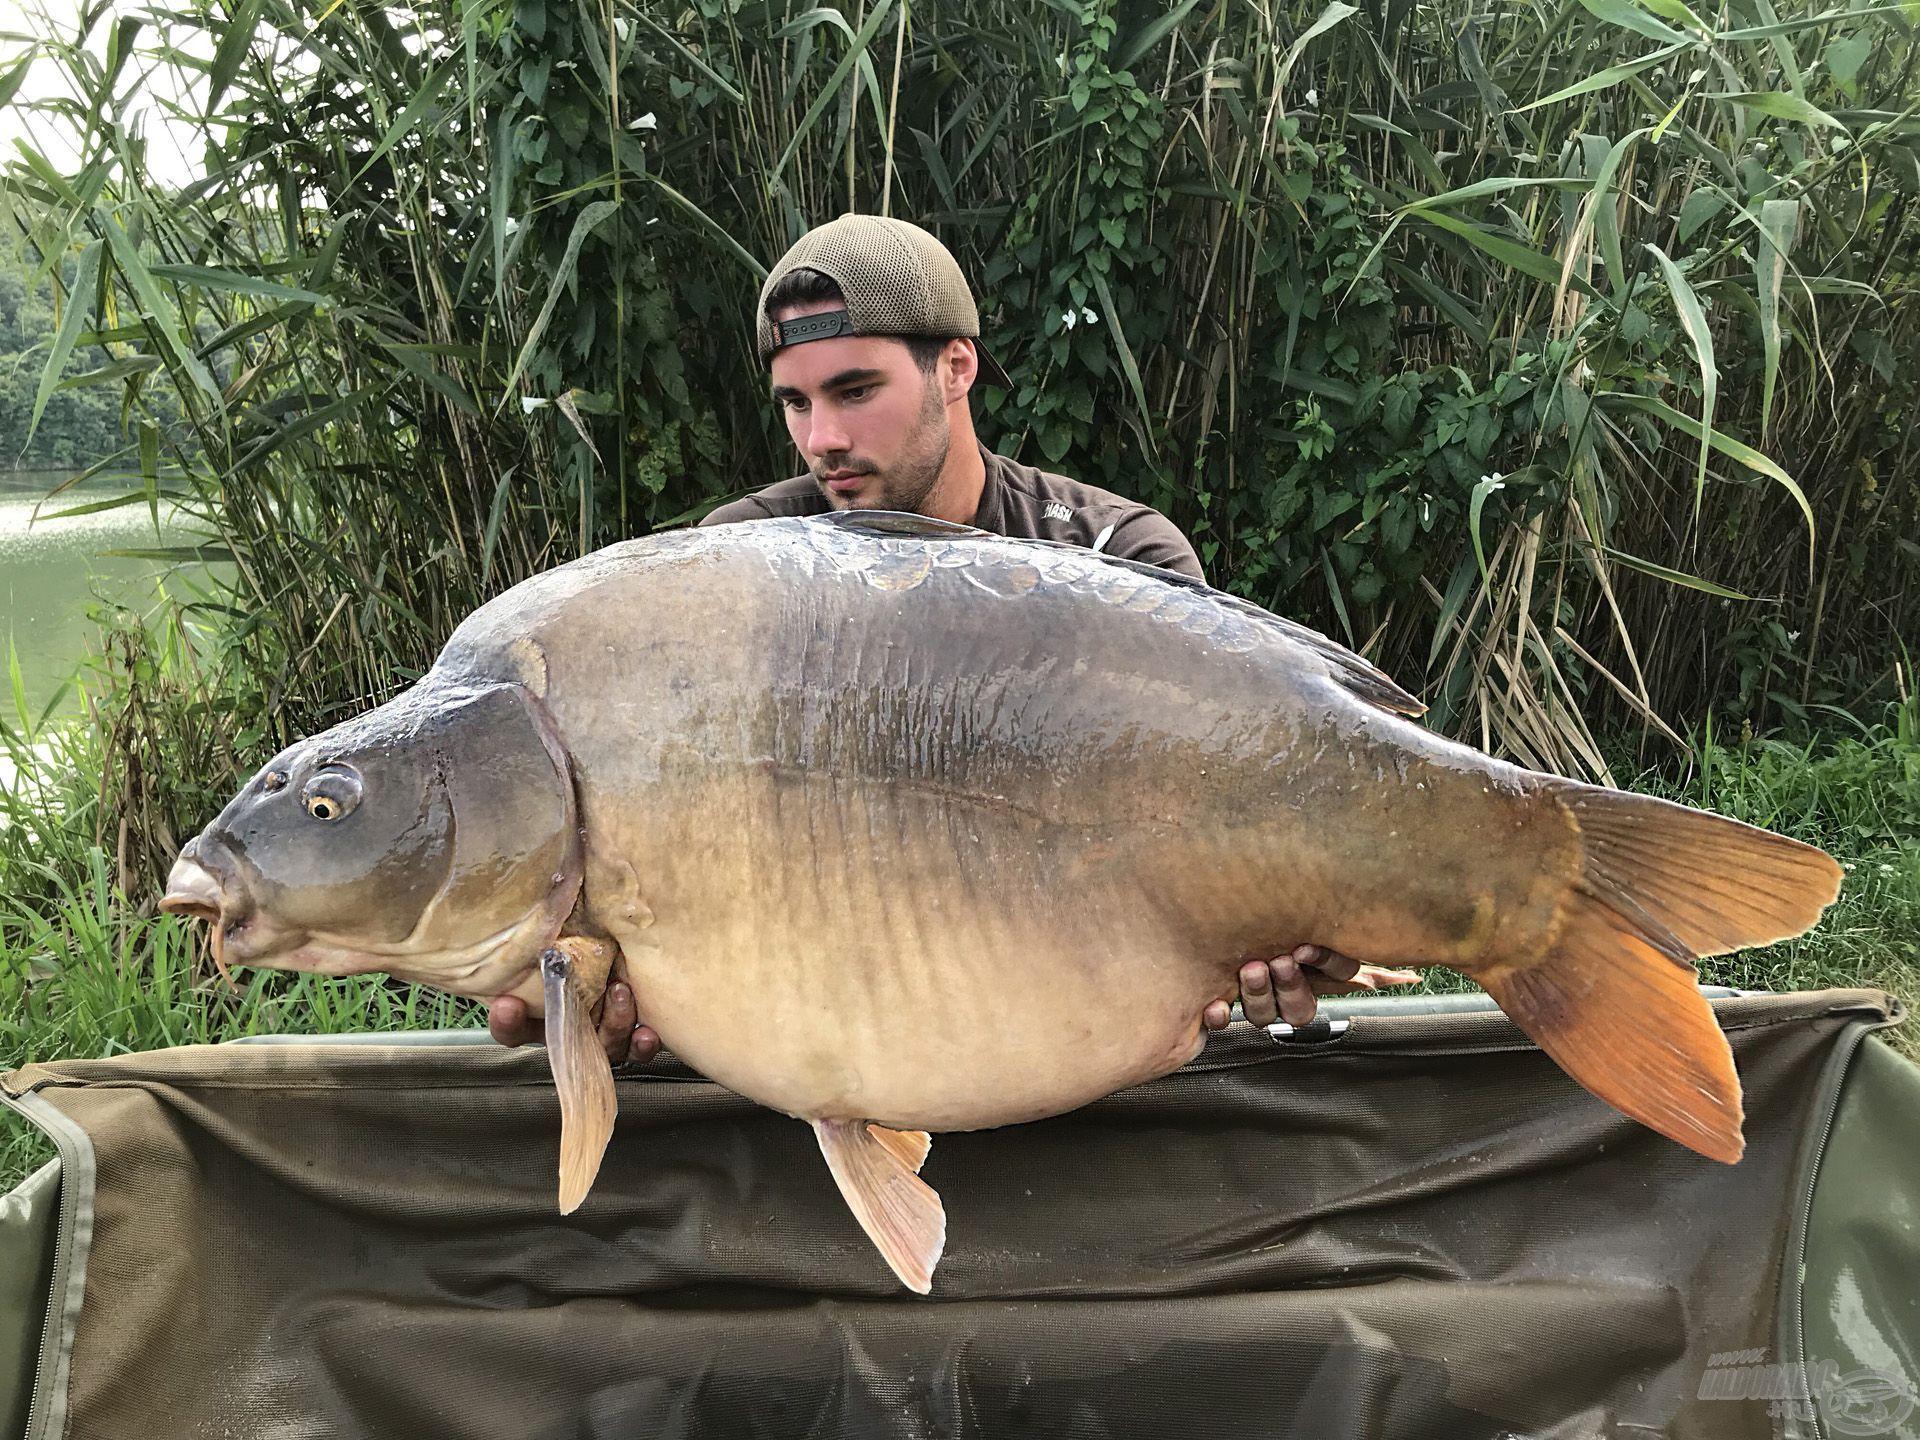 Egy ritkaságnak számító two-tone tükrös a maga 23,5 kilójával!